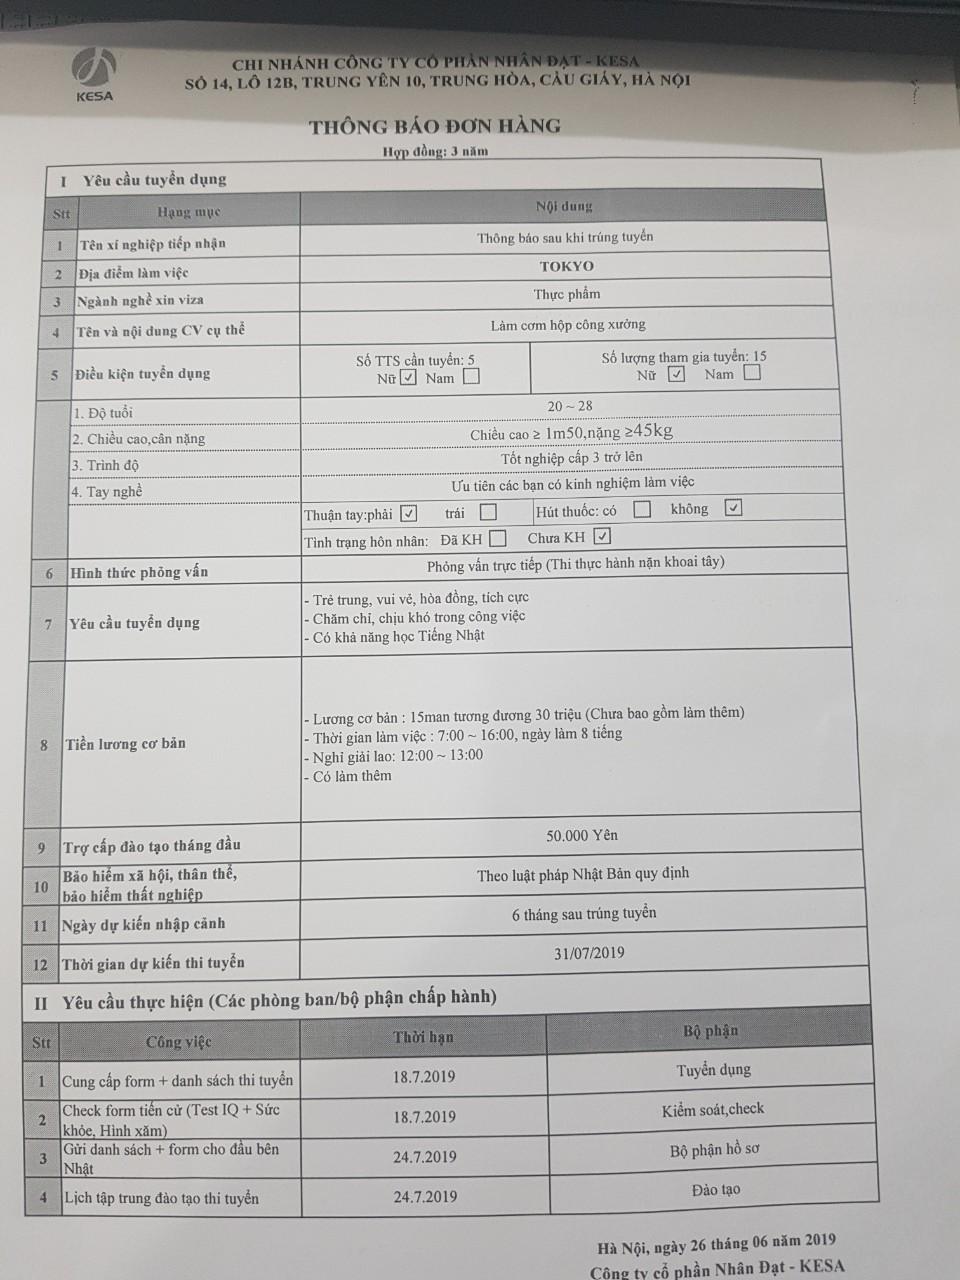 chi tiết bảng đơn hàng